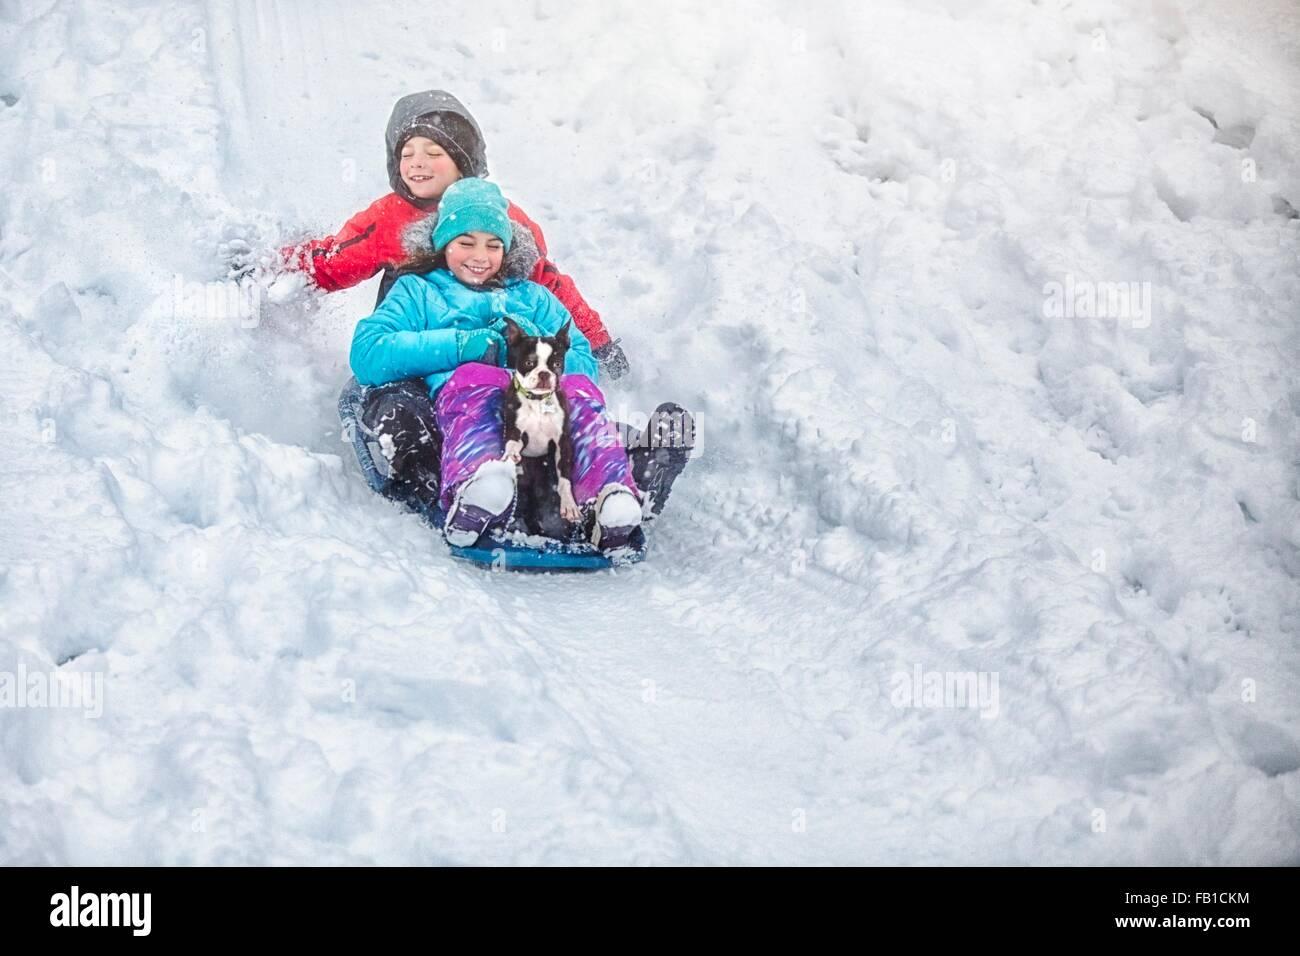 Frère et soeur de la luge avec Boston terrier puppy sur une colline couverte de neige smiling Photo Stock